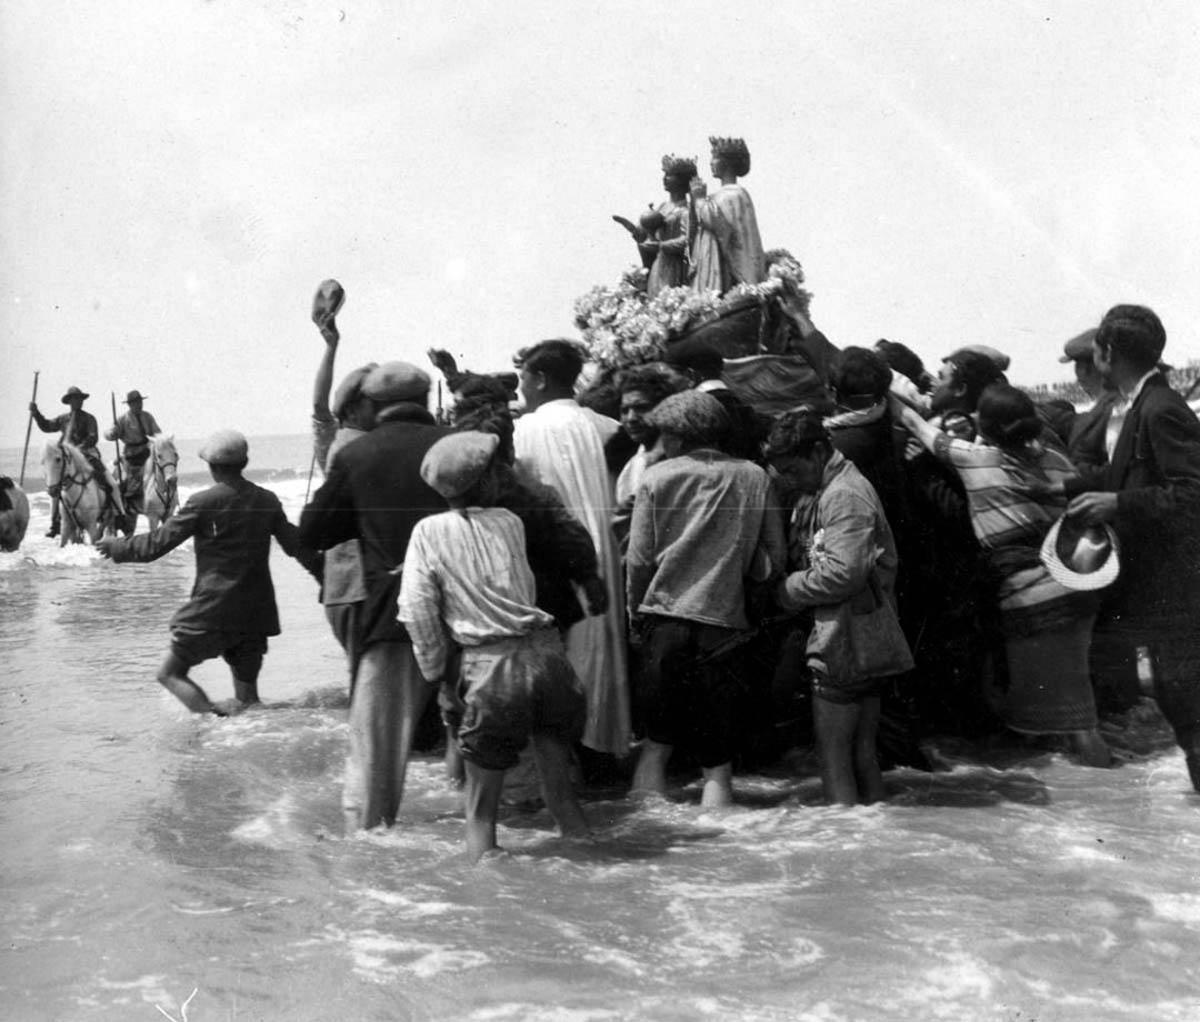 3229 Жизнь цыган в Европе до Второй Мировой войны